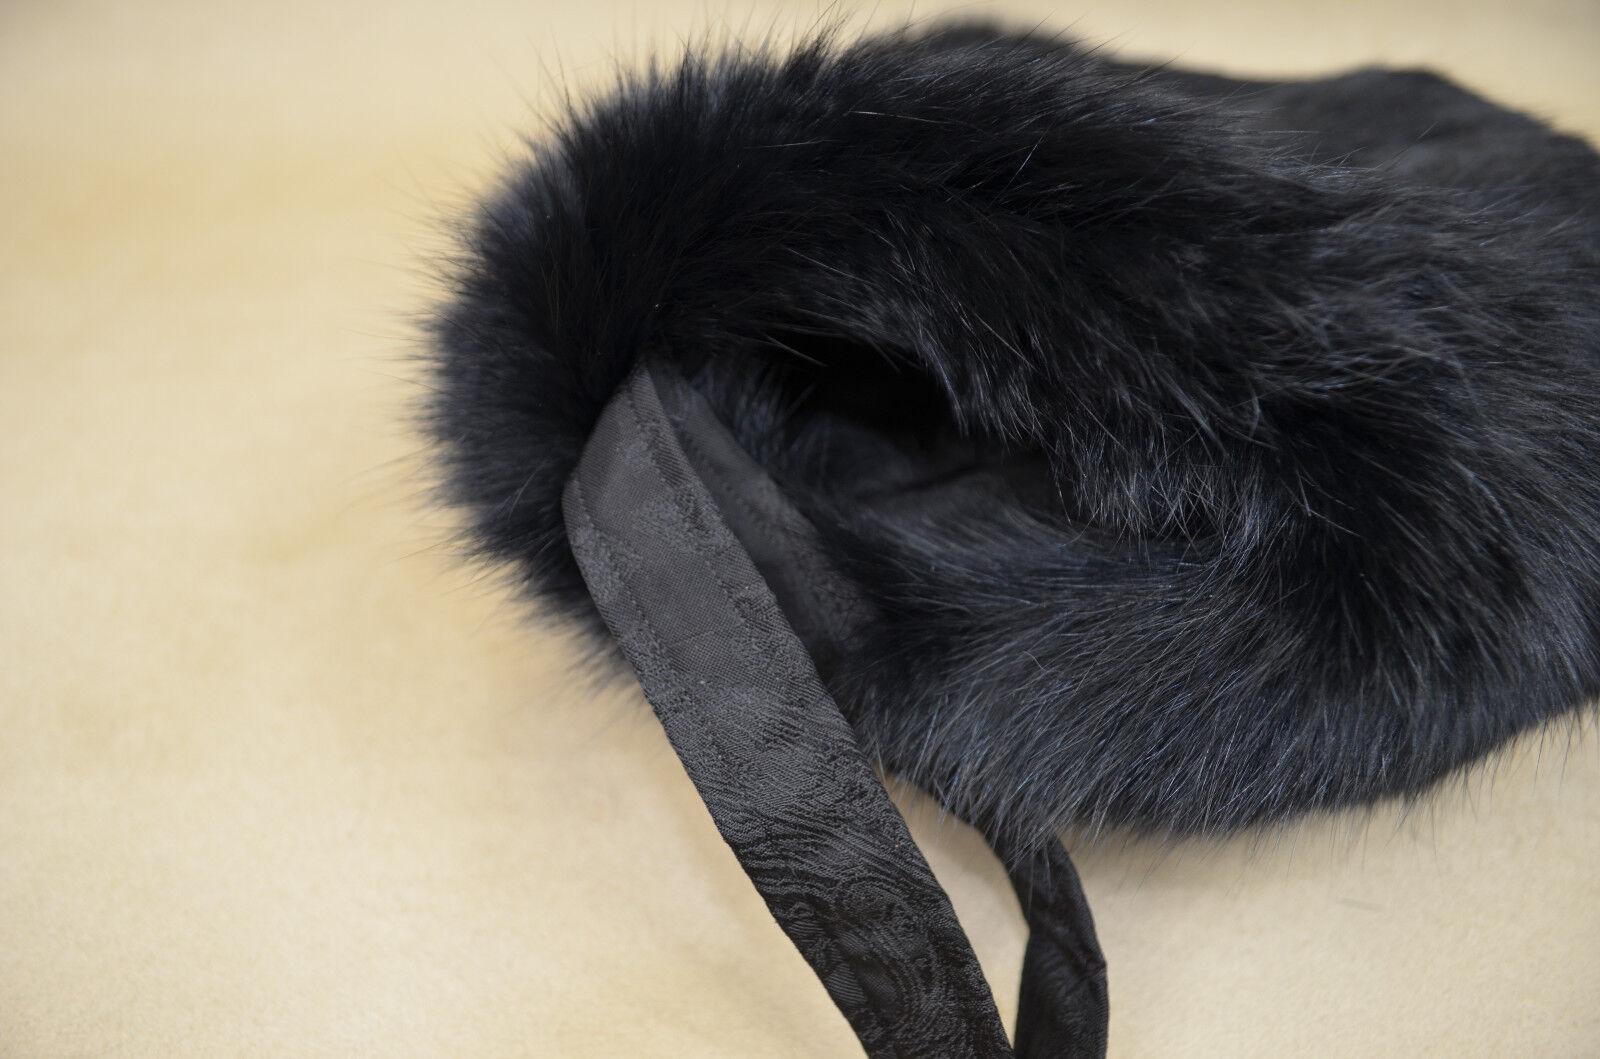 Muff Fell Pelz Echt Echt Echt Handwärmer Handschuh Kaninchen Schwarz gefärbt neu | Adoptieren  | Erste in seiner Klasse  | Gewinnen Sie hoch geschätzt  69c9bf